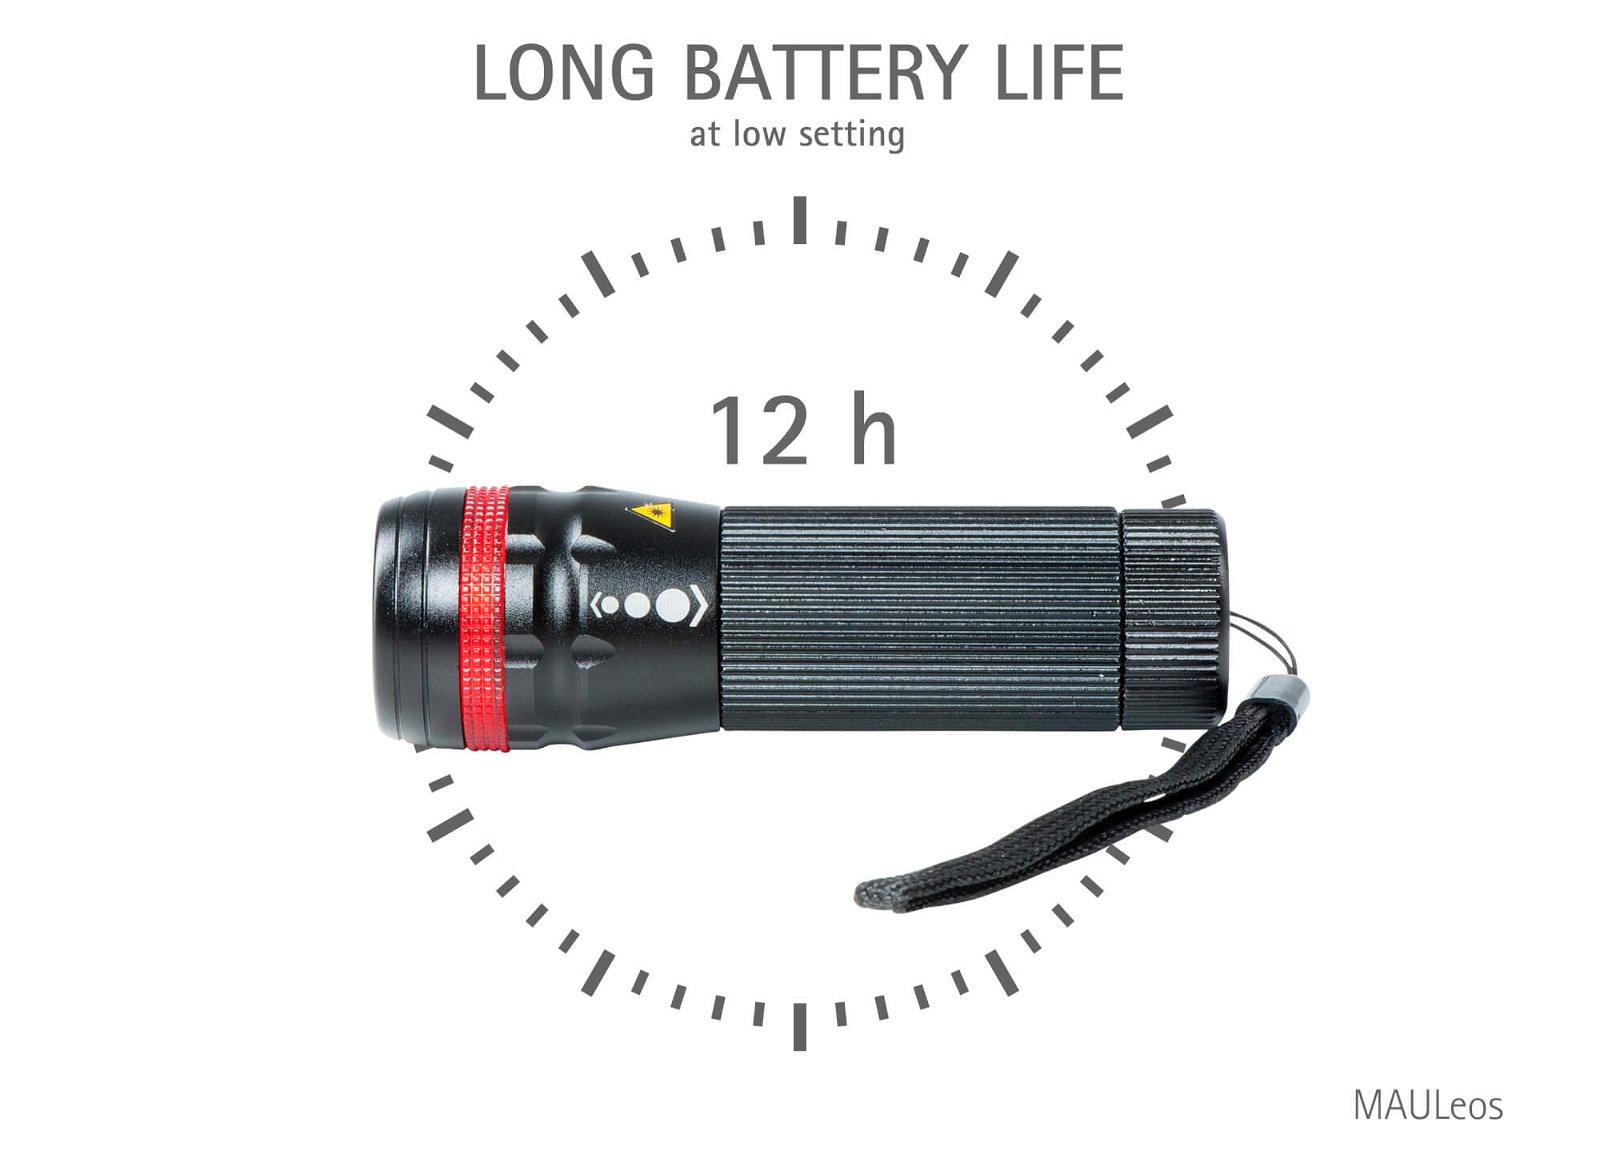 LED-Taschenlampe MAULeos Leuchtdauer